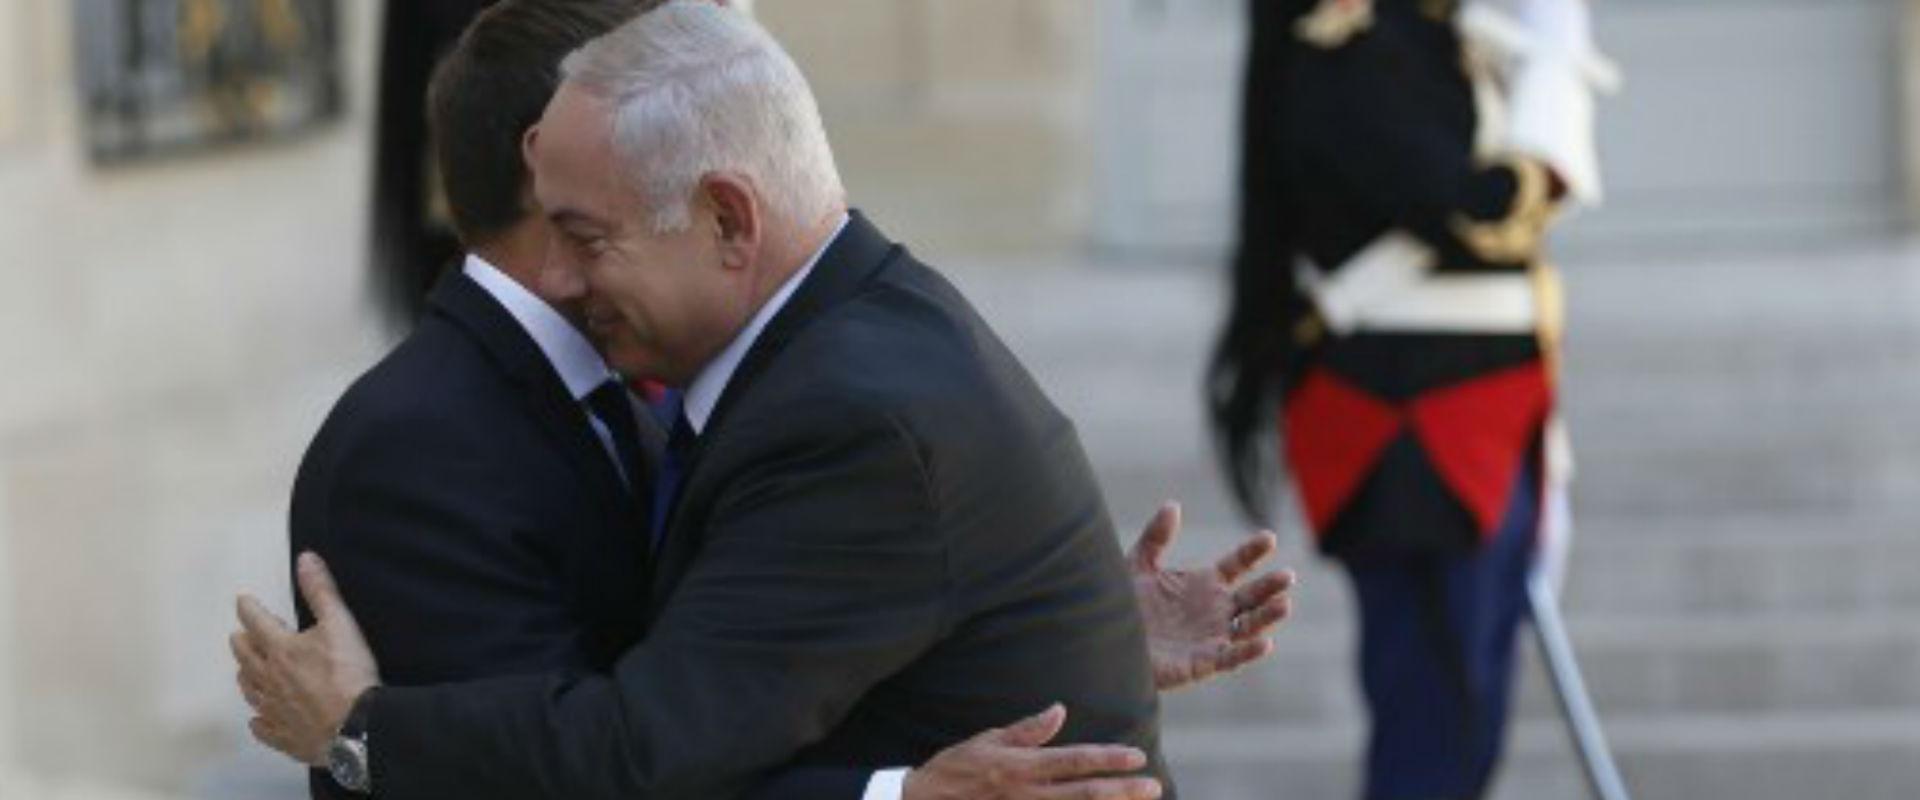 ראש הממשלה ונשיא צרפת בפריז, היום